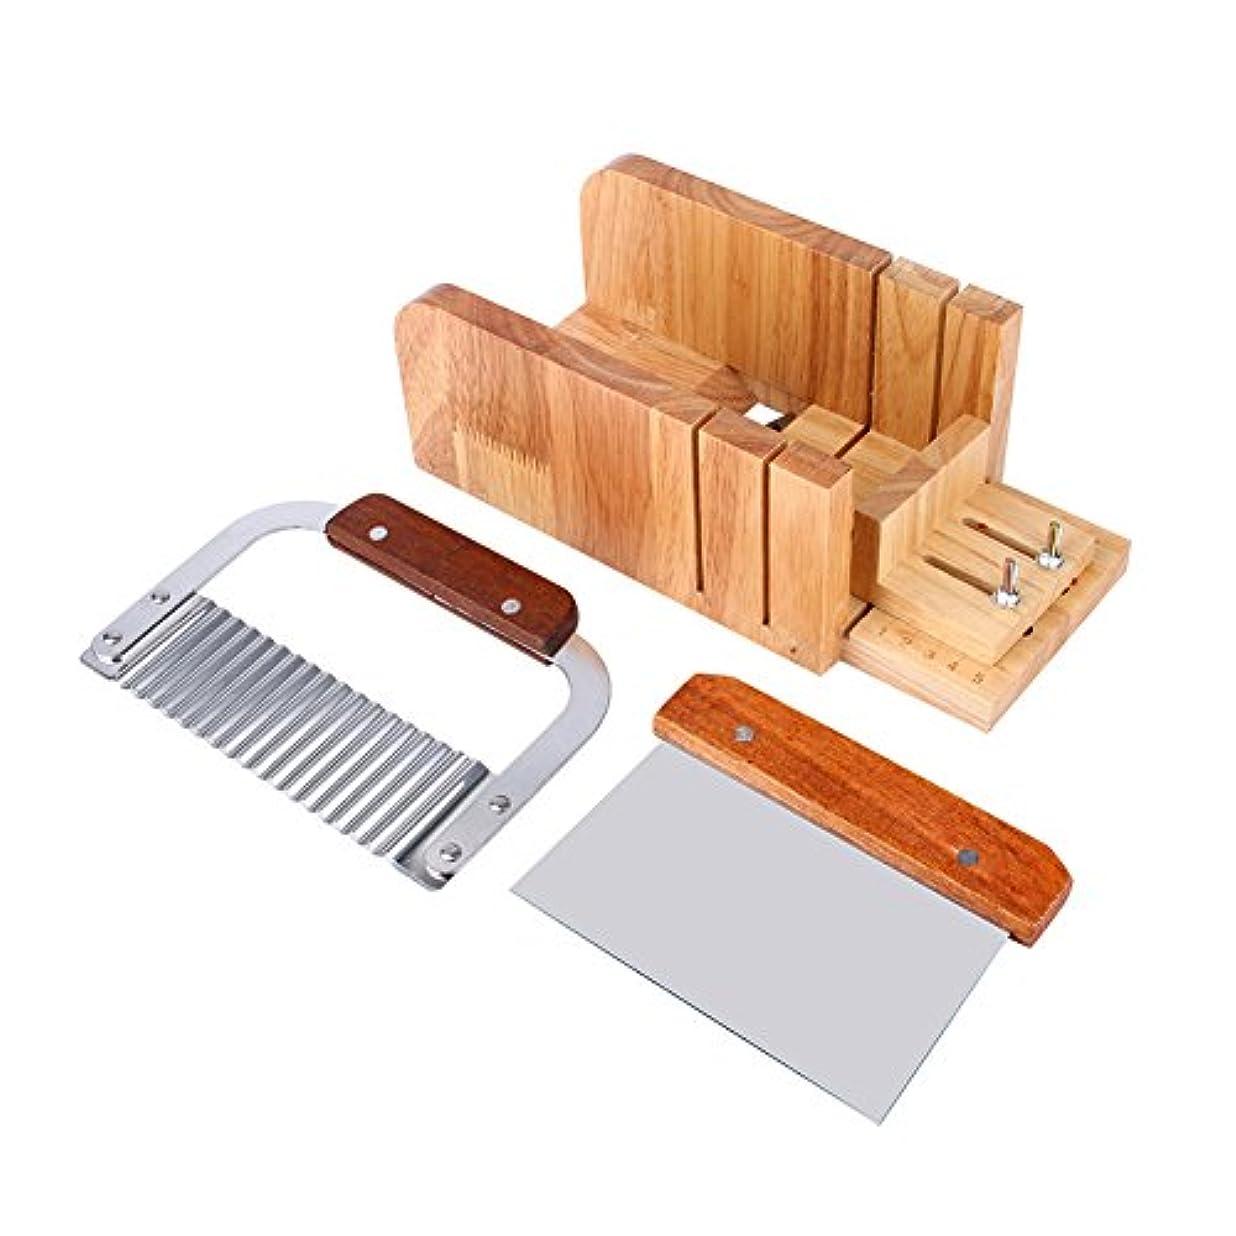 ドアミラー作動する区別する3点セット ソープカッター 石けん金型ソープロープ カッター 木製 カッター ツールDIY 手作り 木製ボックス松木製 ストレートソープ包丁 ナイフ モールドソープ調整可能レトロ